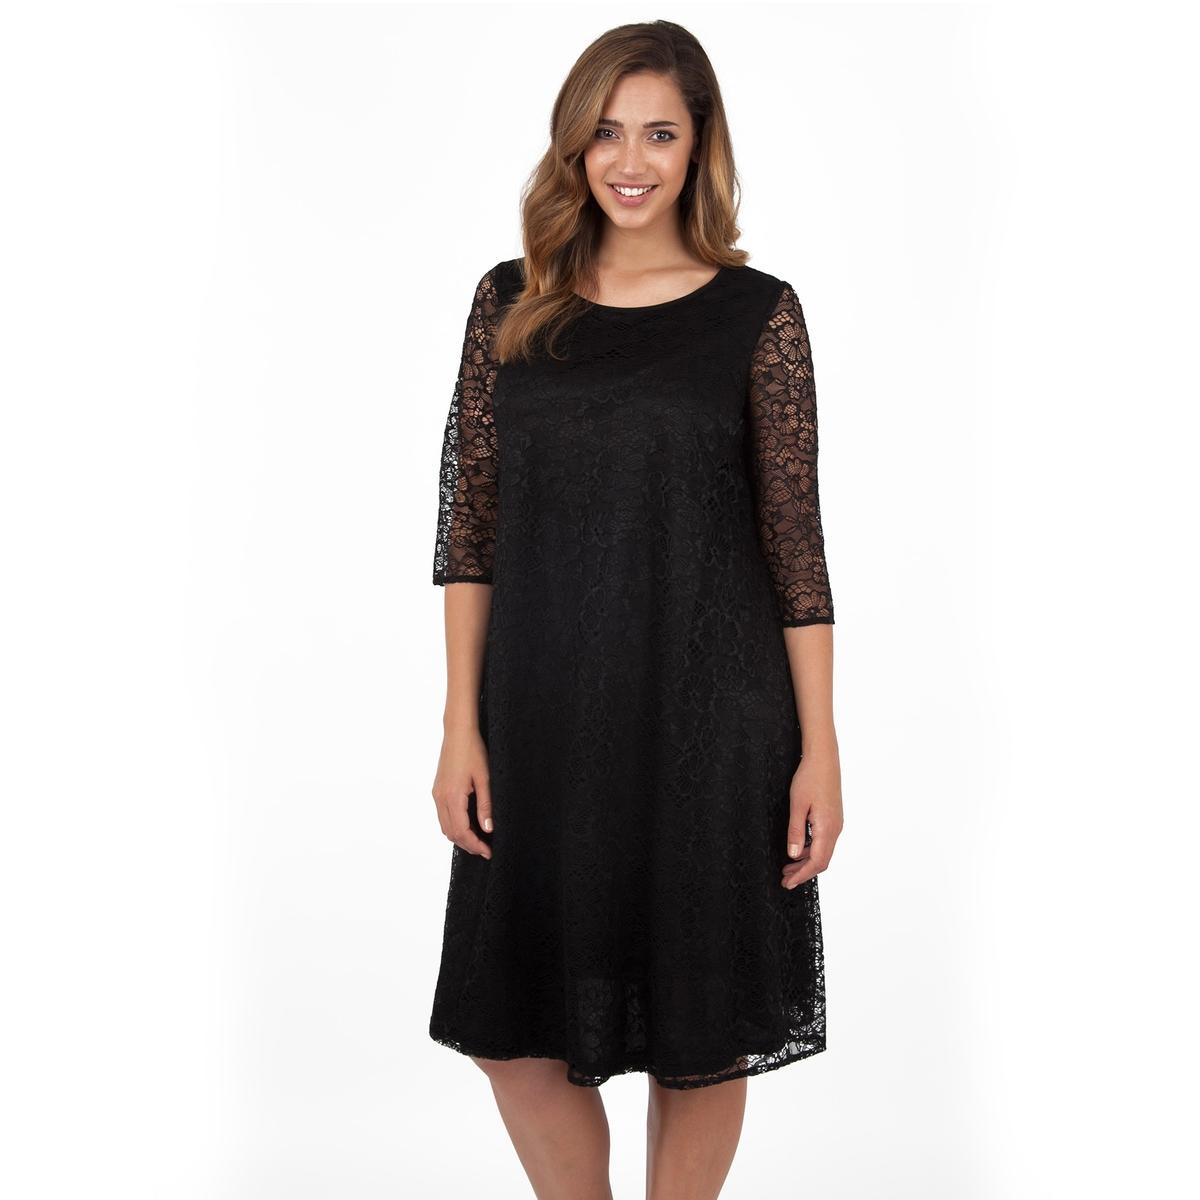 ПлатьеПлатье с рукавами 3/4 - LOVEDROBE. Красивое кружевное платье с отделкой из прозрачного кружева на рукавах. Длина ок.104 см. 100% полиэстера.<br><br>Цвет: черный